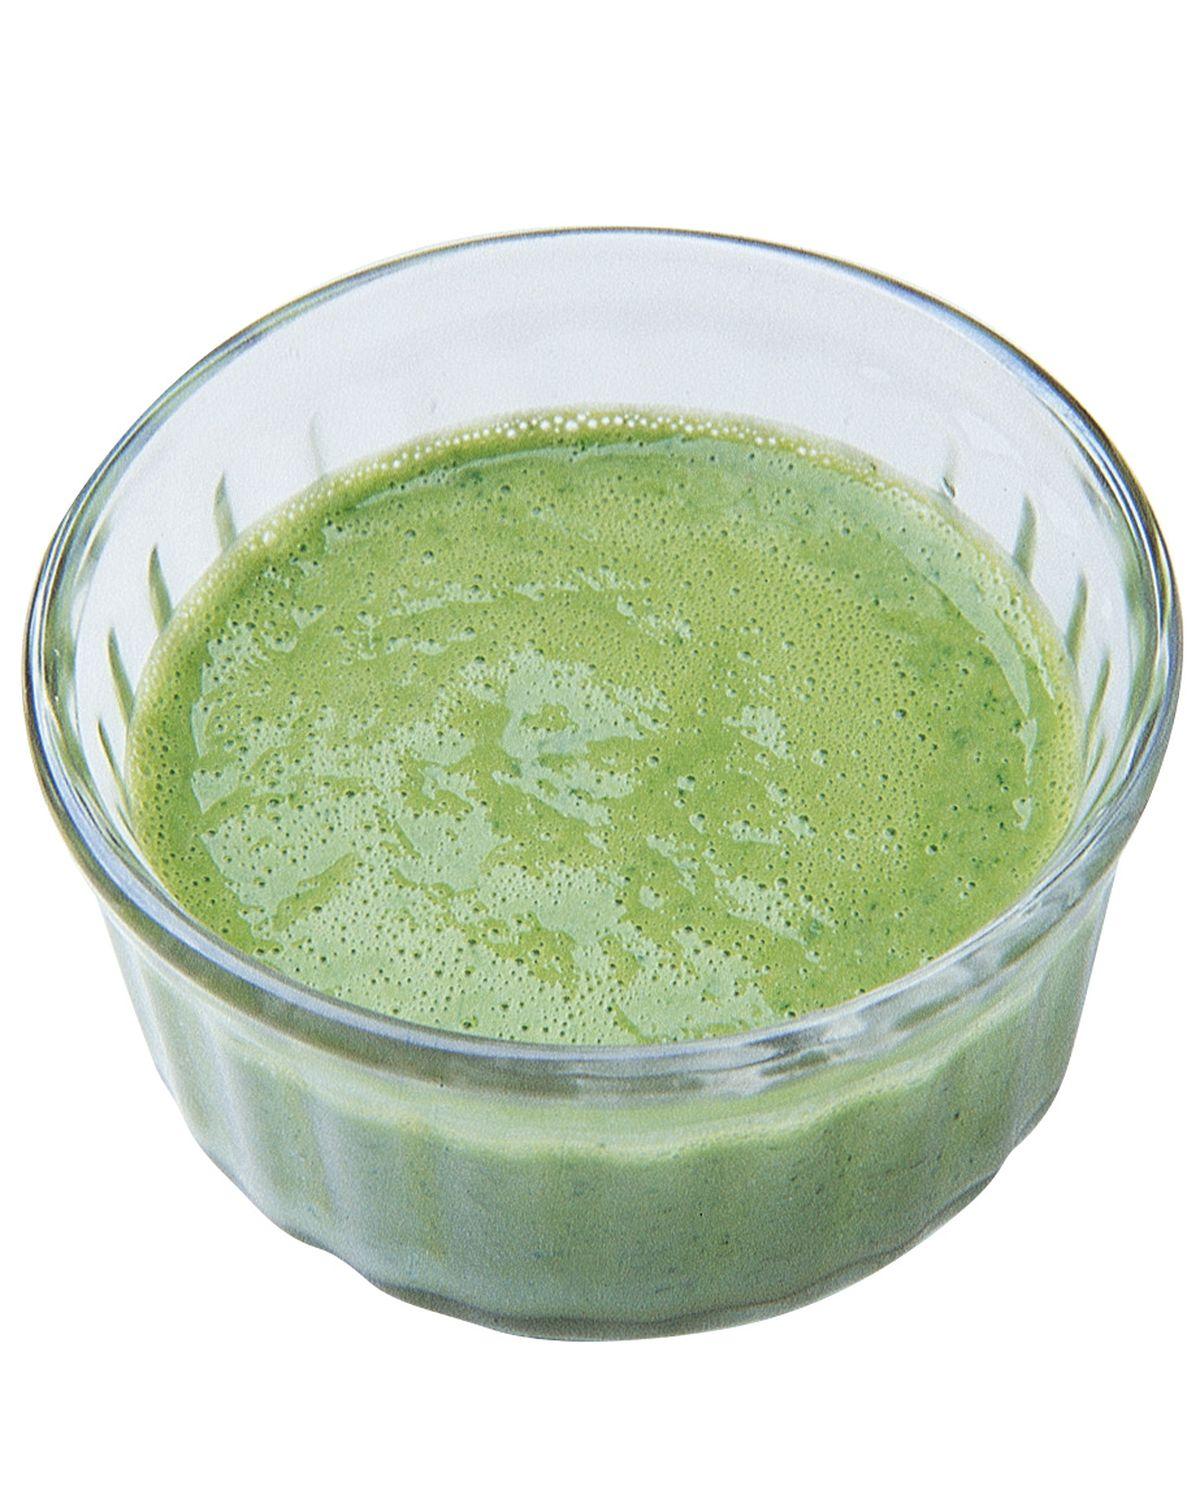 食譜:綠衣明蝦調味汁